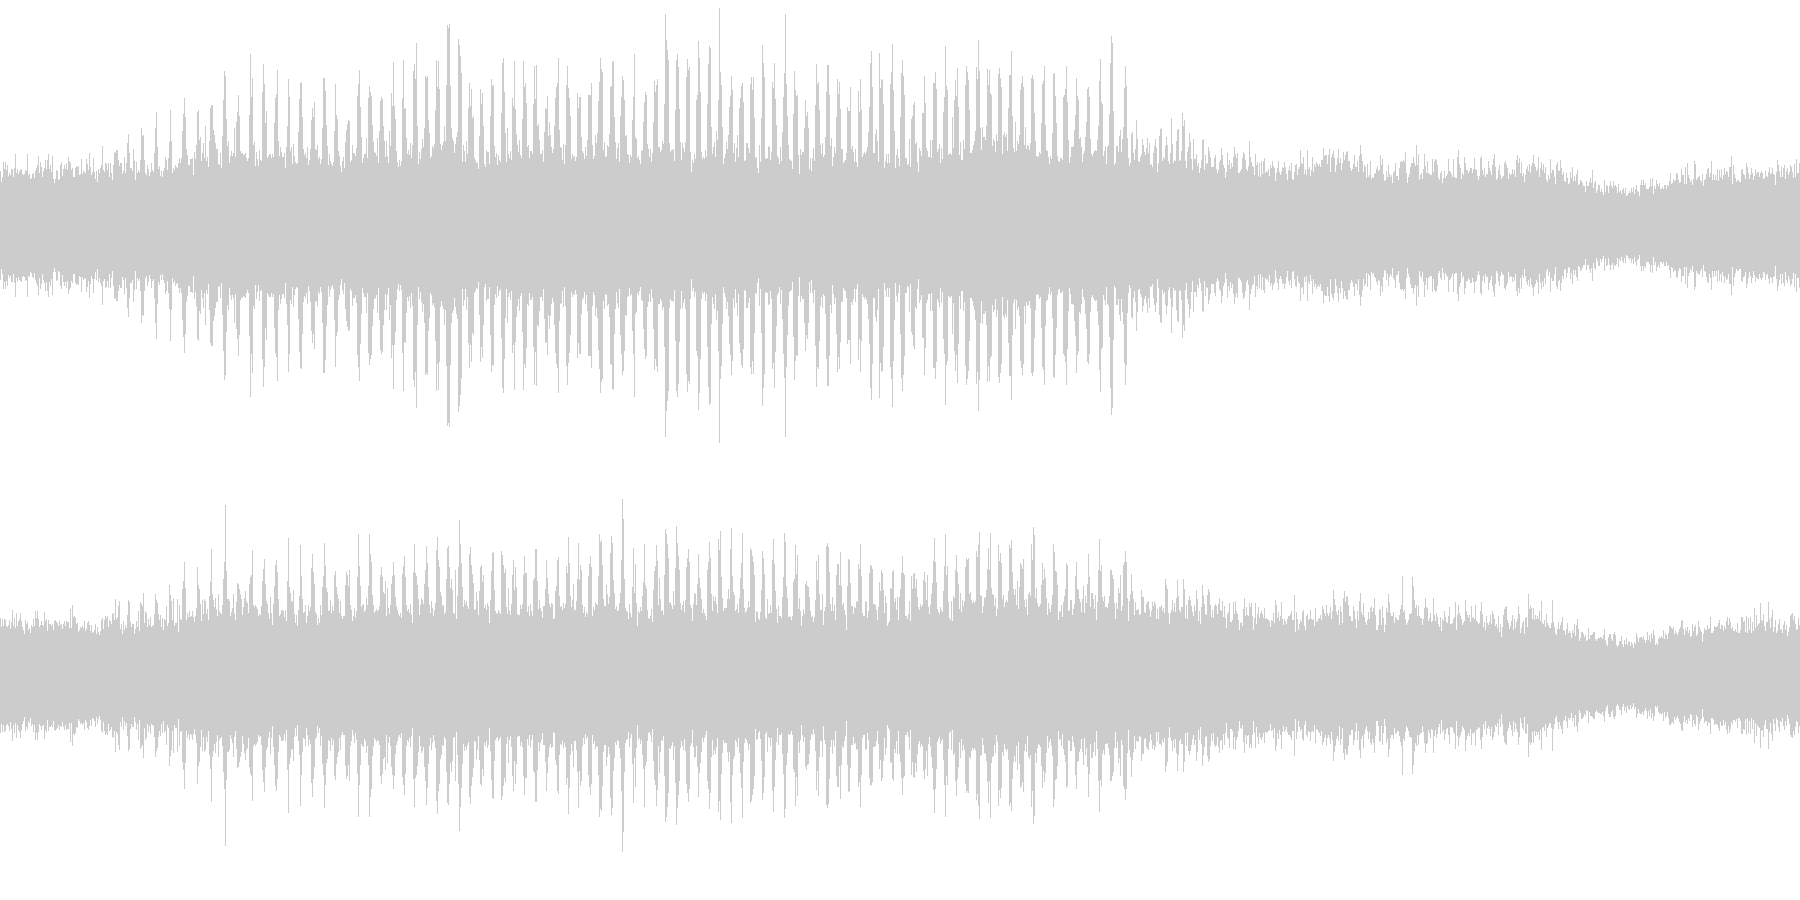 環境音蝉の鳴き声ミンミン30秒ループ処理の未再生の波形